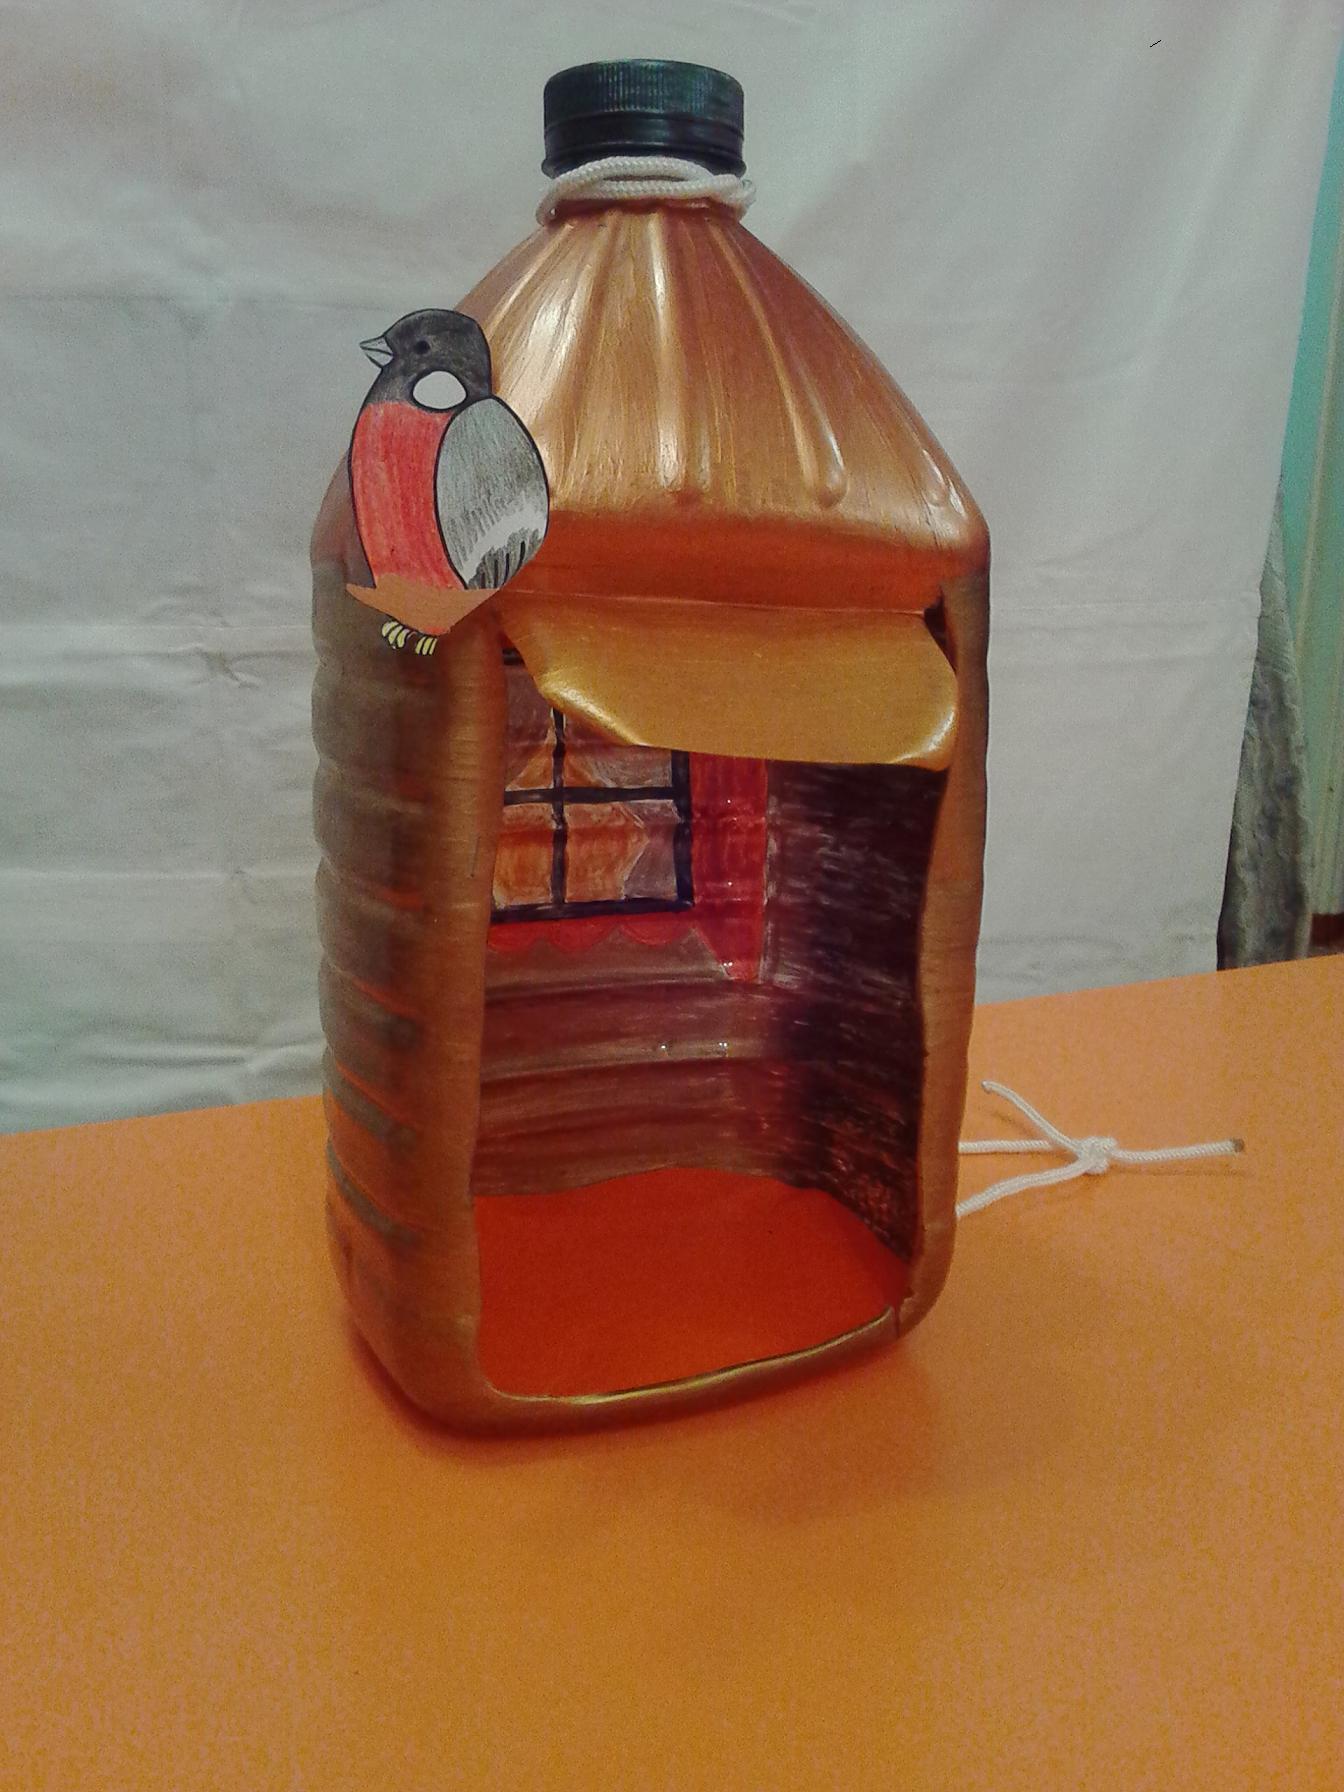 Как сделать кормушку из бутылки 1.5 литров